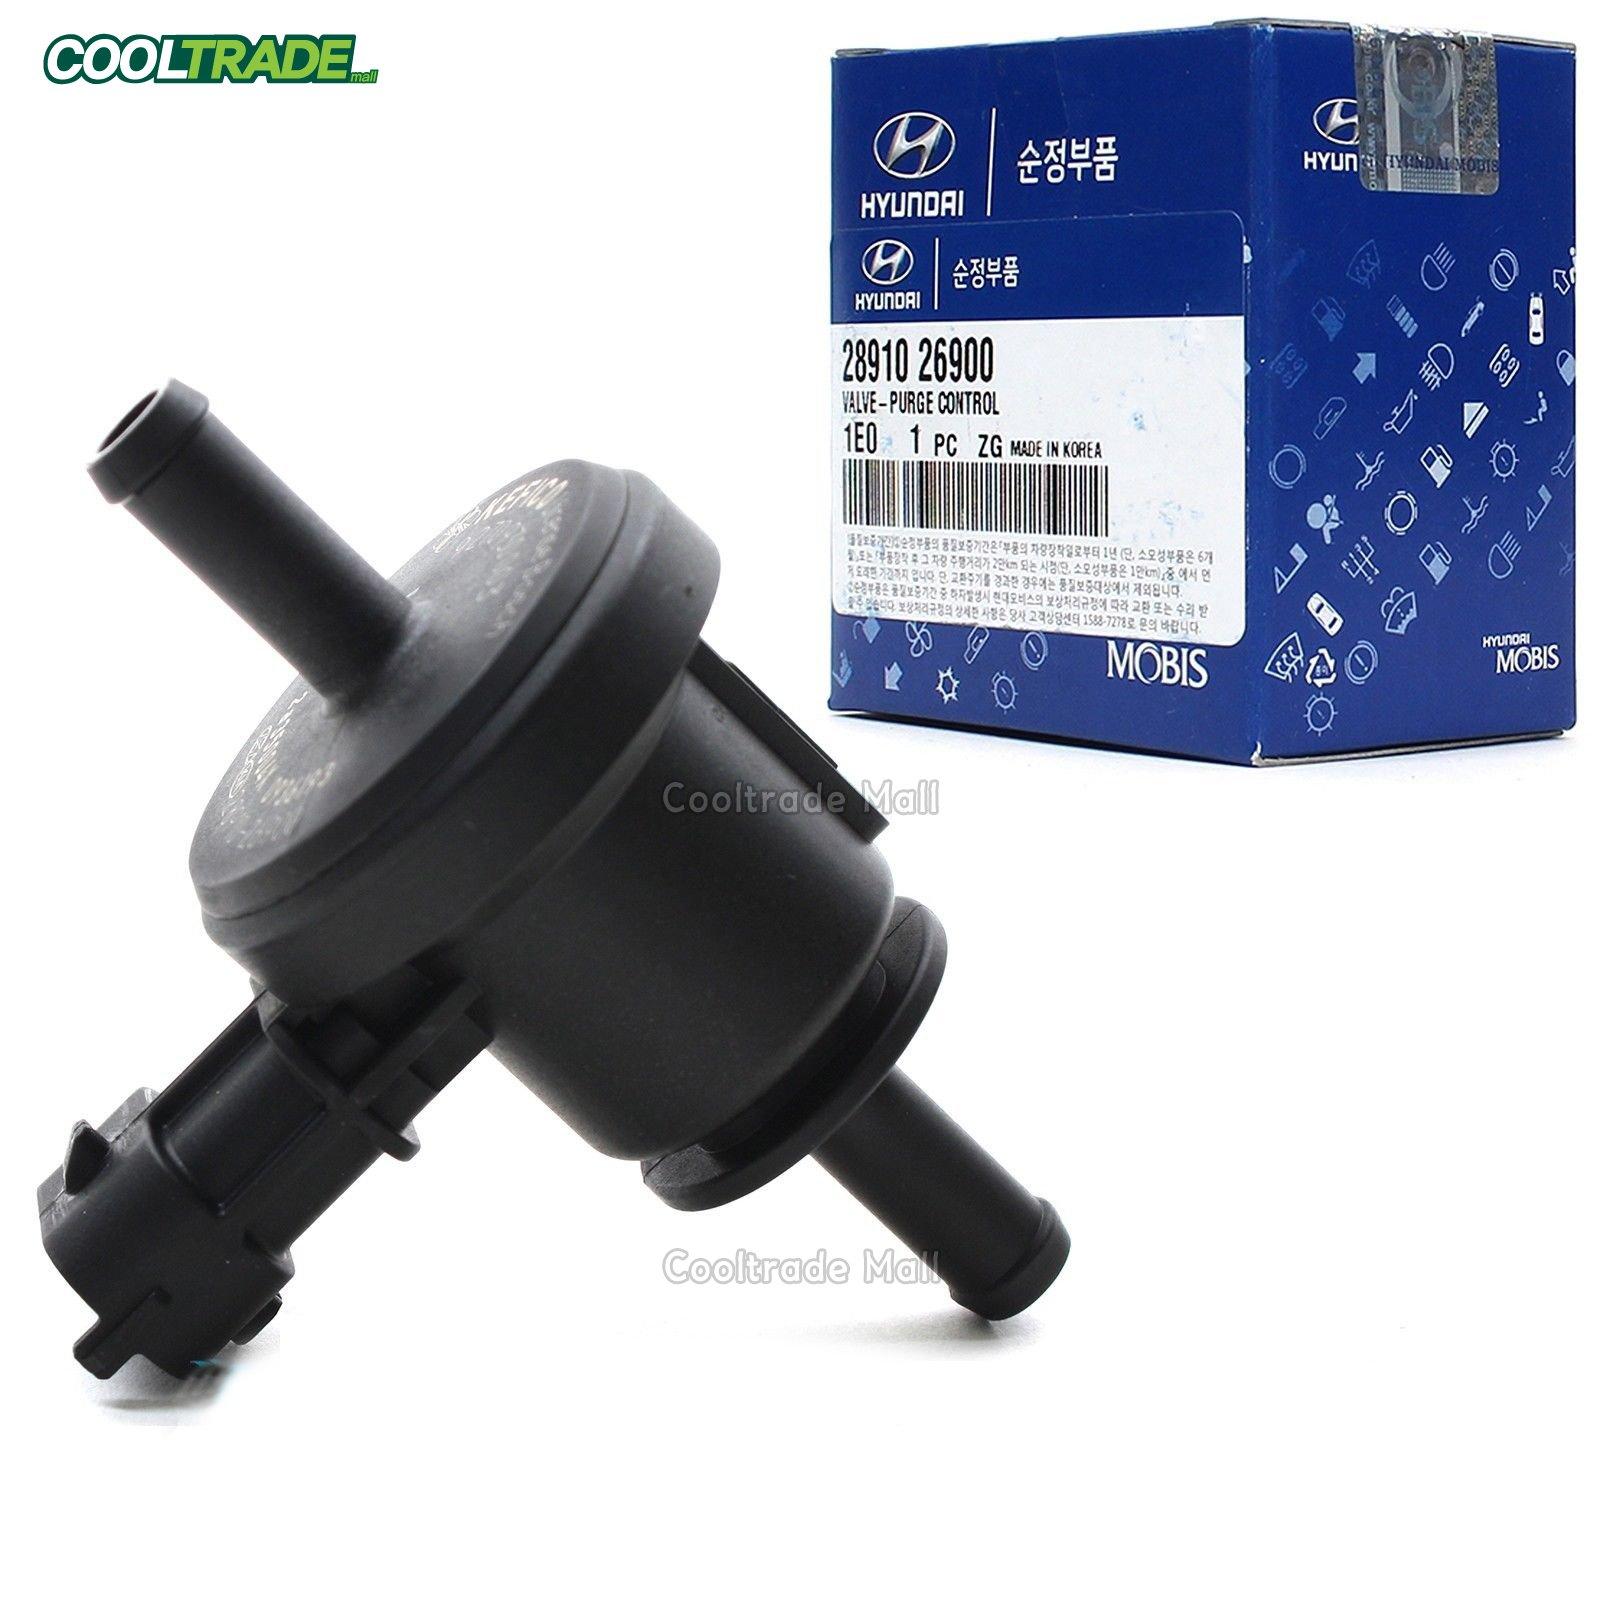 Genuine Fits 06-13 Accent Elantra Rio Soul Purge Control Valve OEM 28910-26900